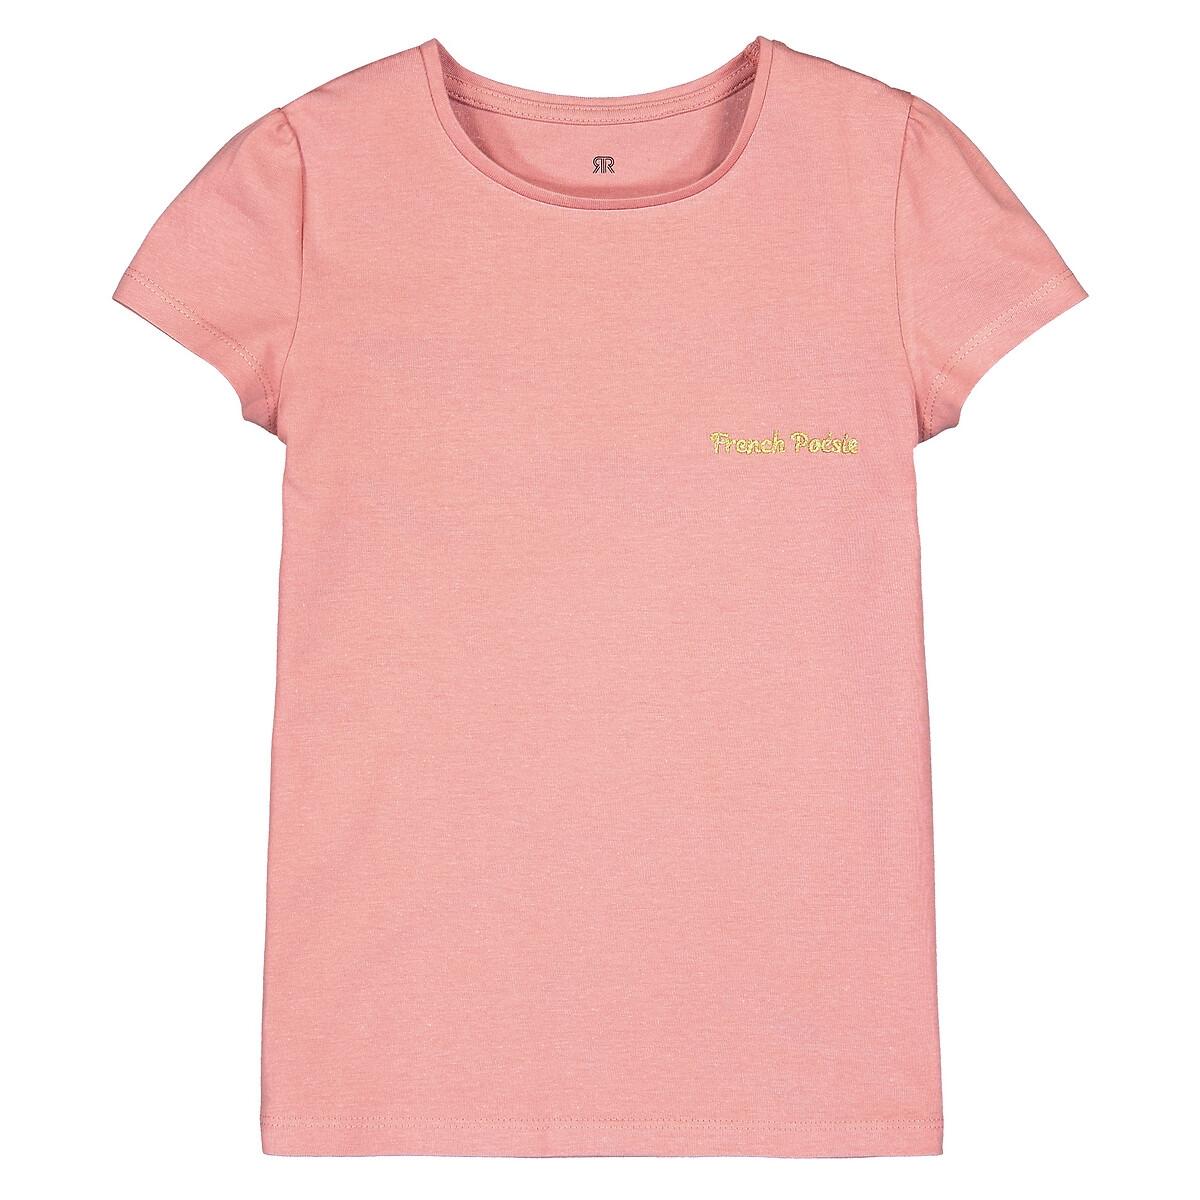 Футболка La Redoute С круглым вырезом и надписью с вышивкой 3-12 лет 5 розовый сумка la redoute кожаная маленькая с клапаном с вышивкой uni розовый